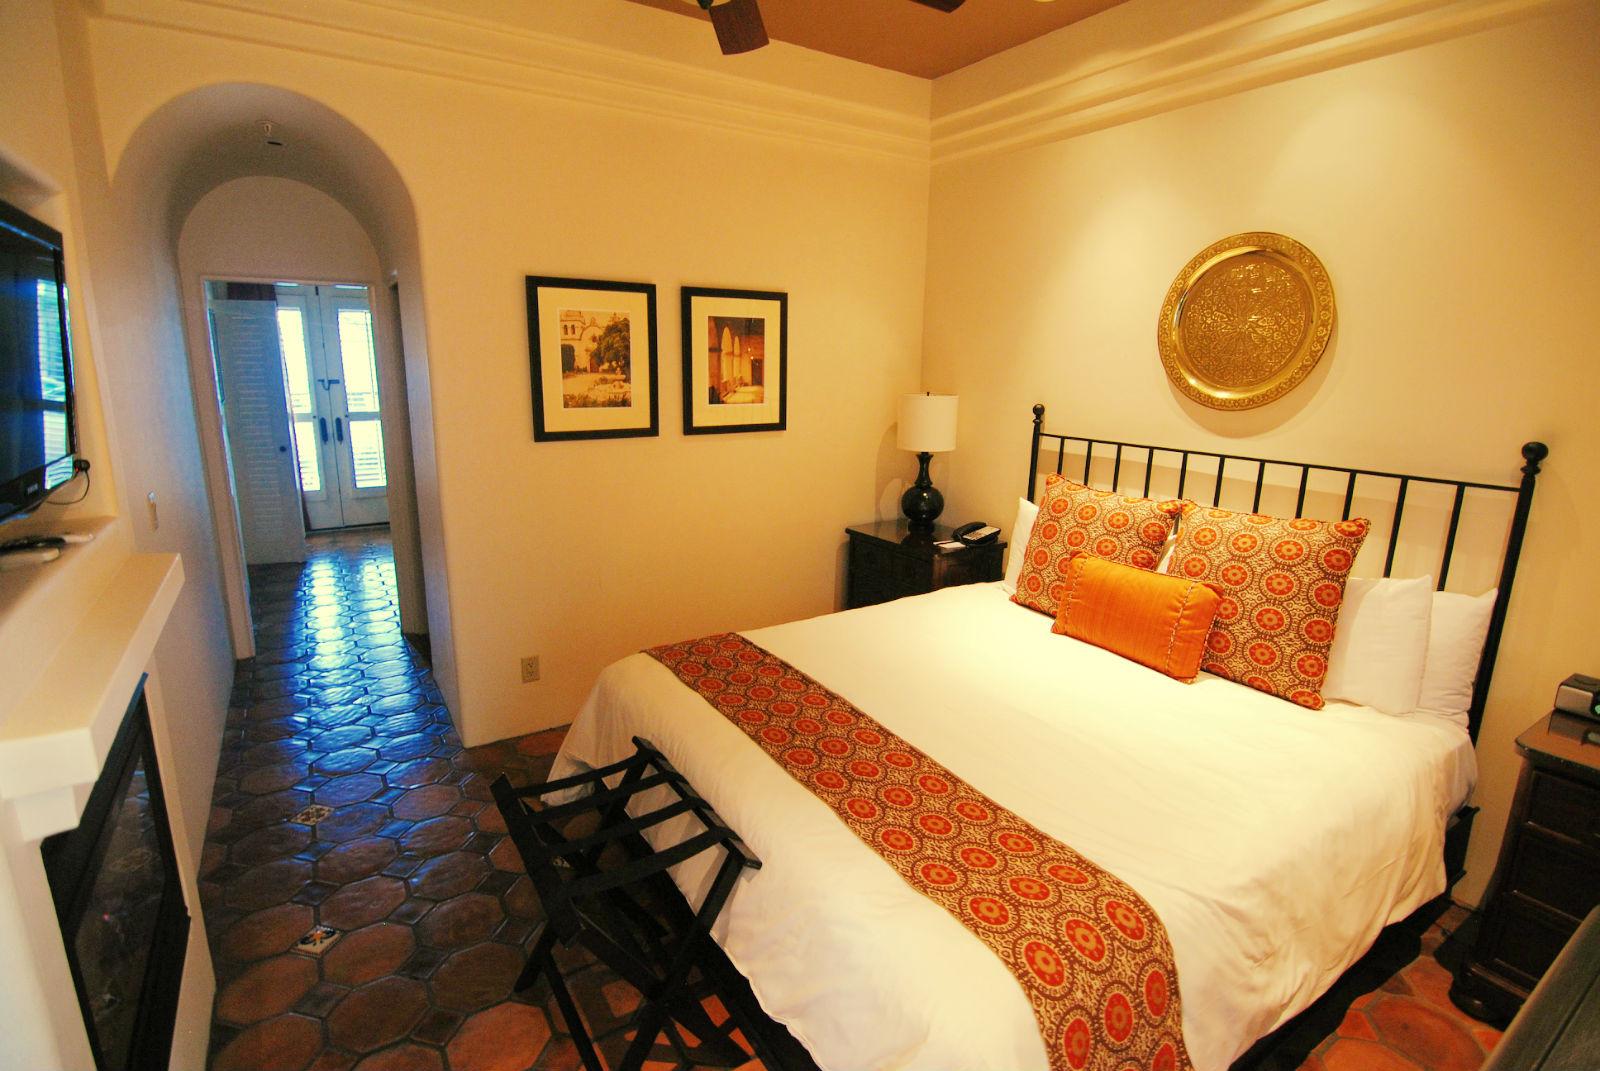 Inside King Deluxe Suite, Cypress Inn, Carmel, CA